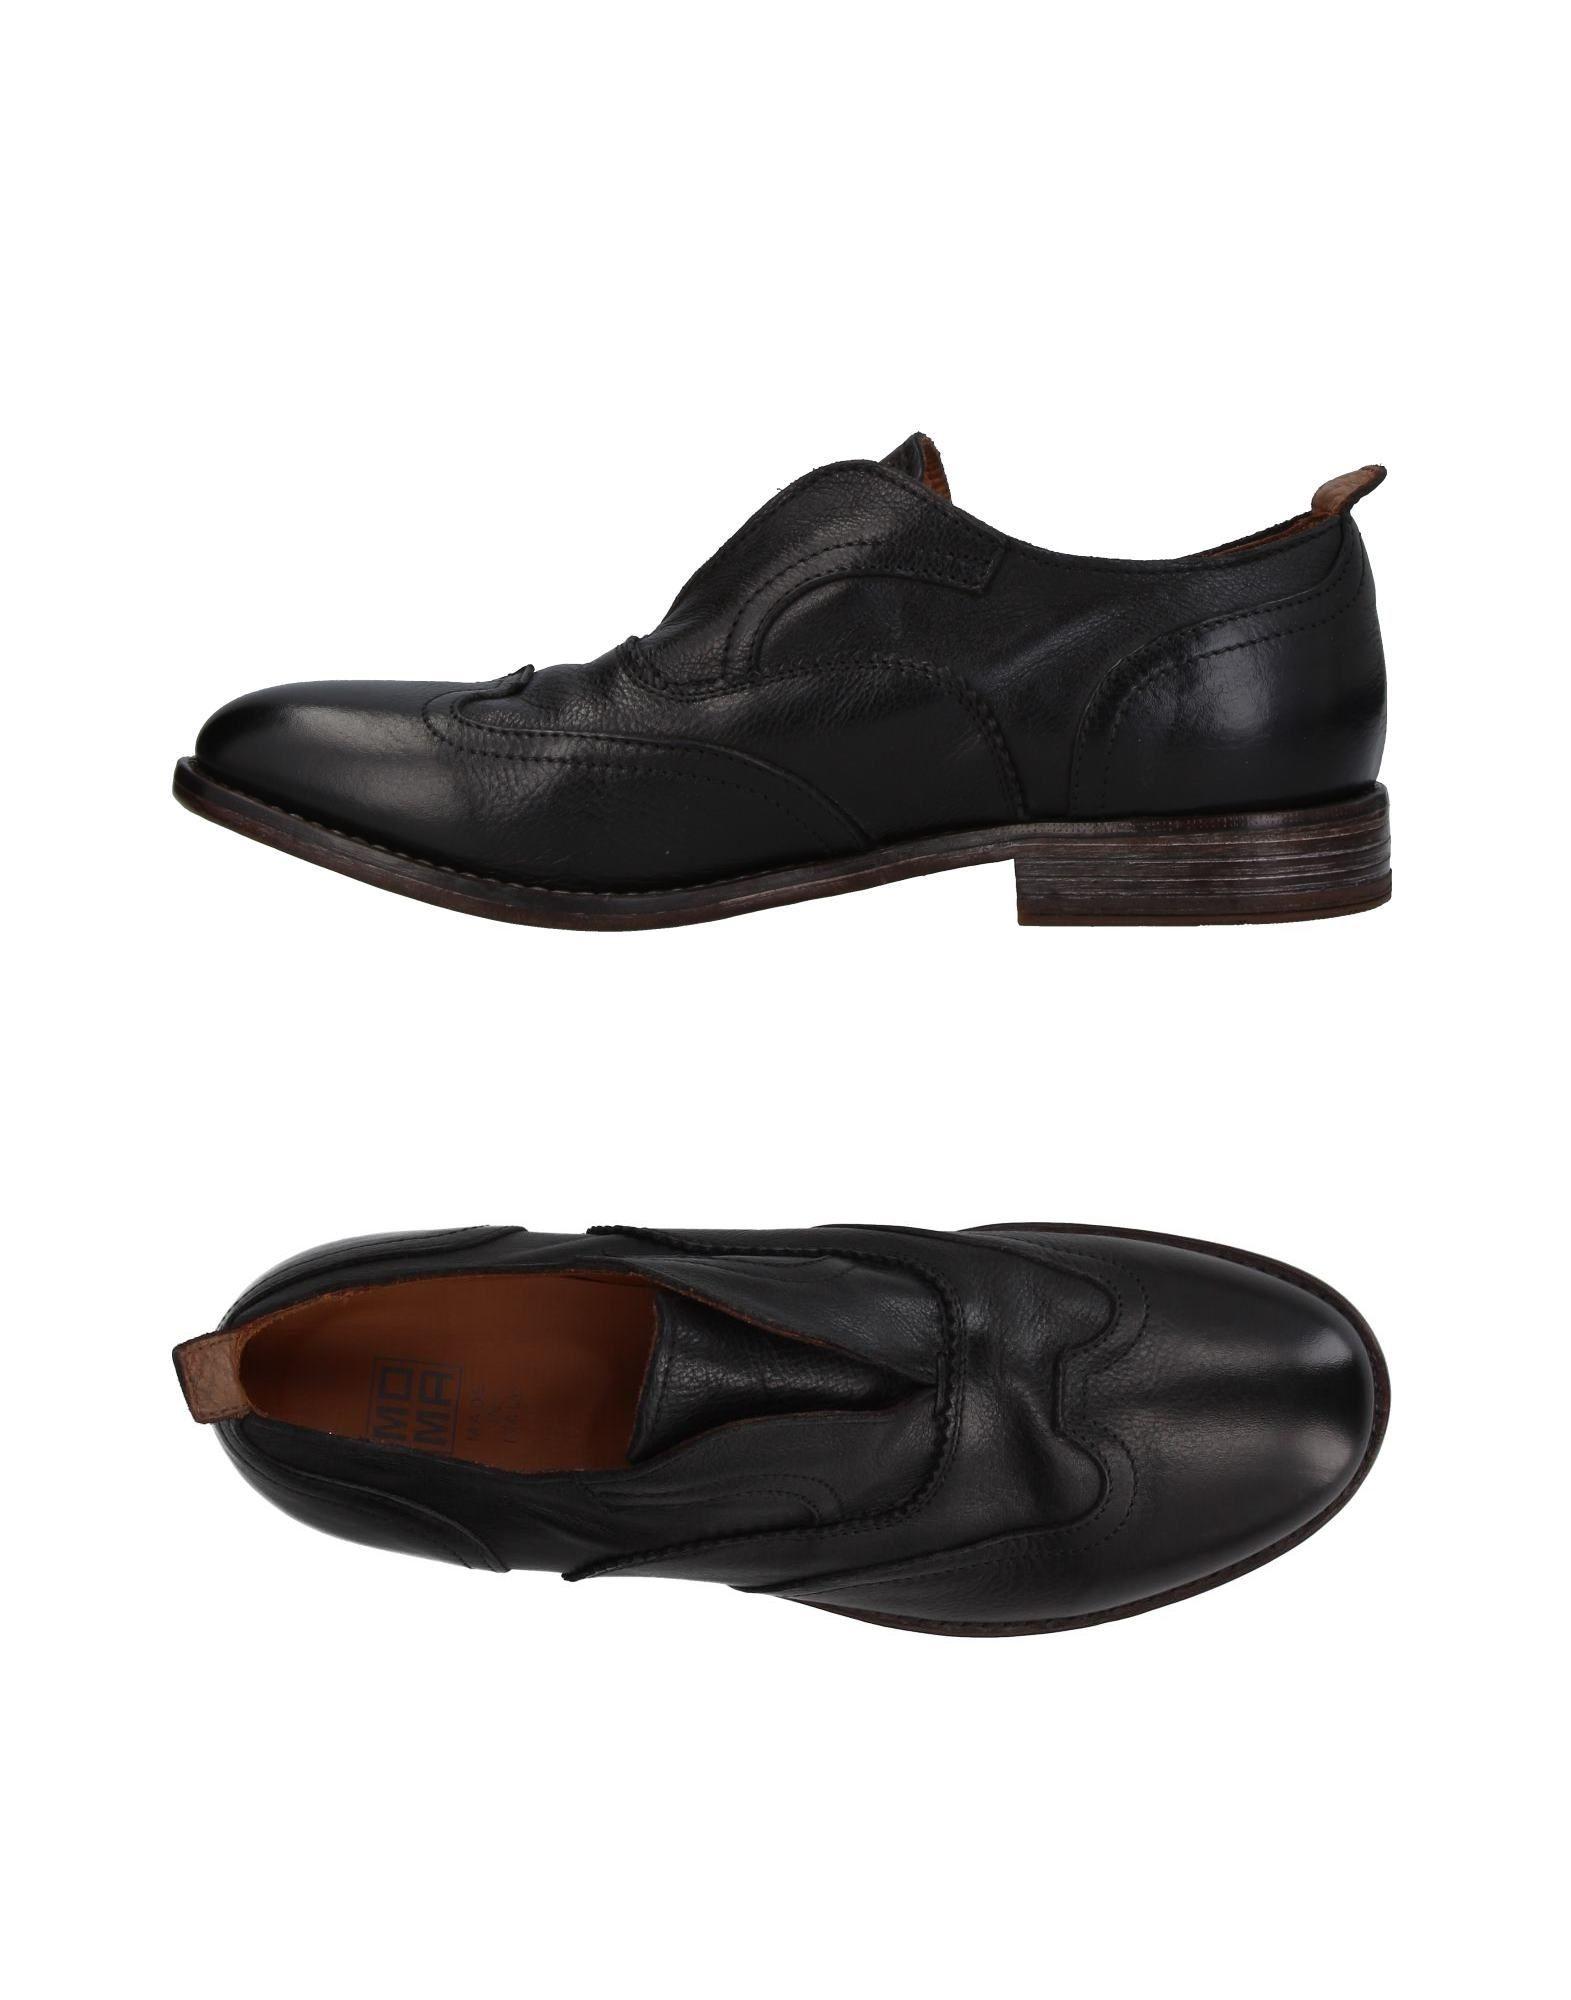 Moma Mokassins Herren  11412332GD Gute Qualität beliebte Schuhe